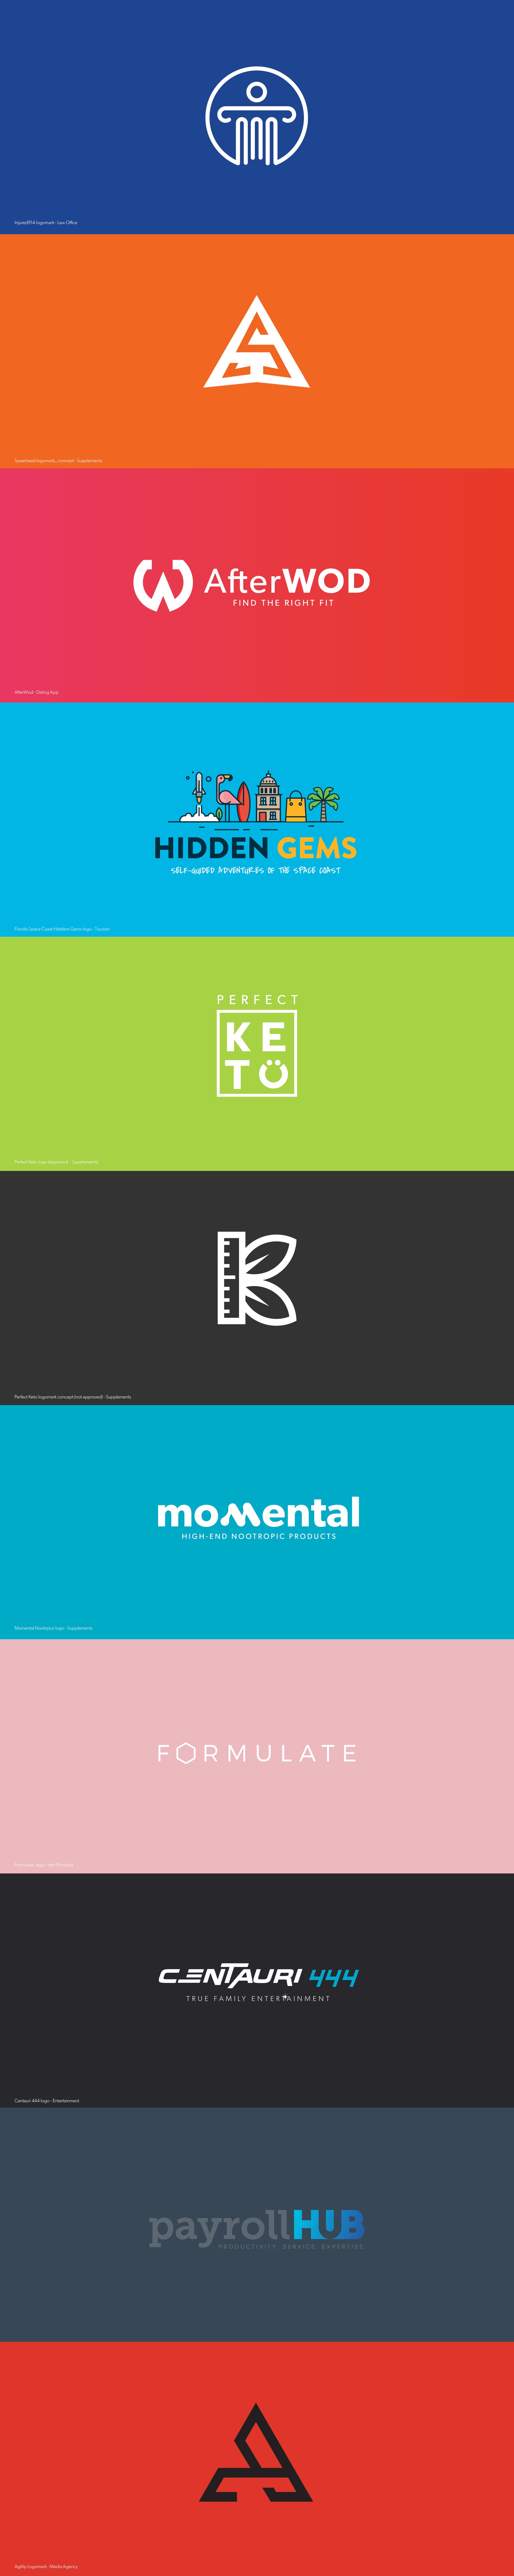 logofolio2017@2x.png